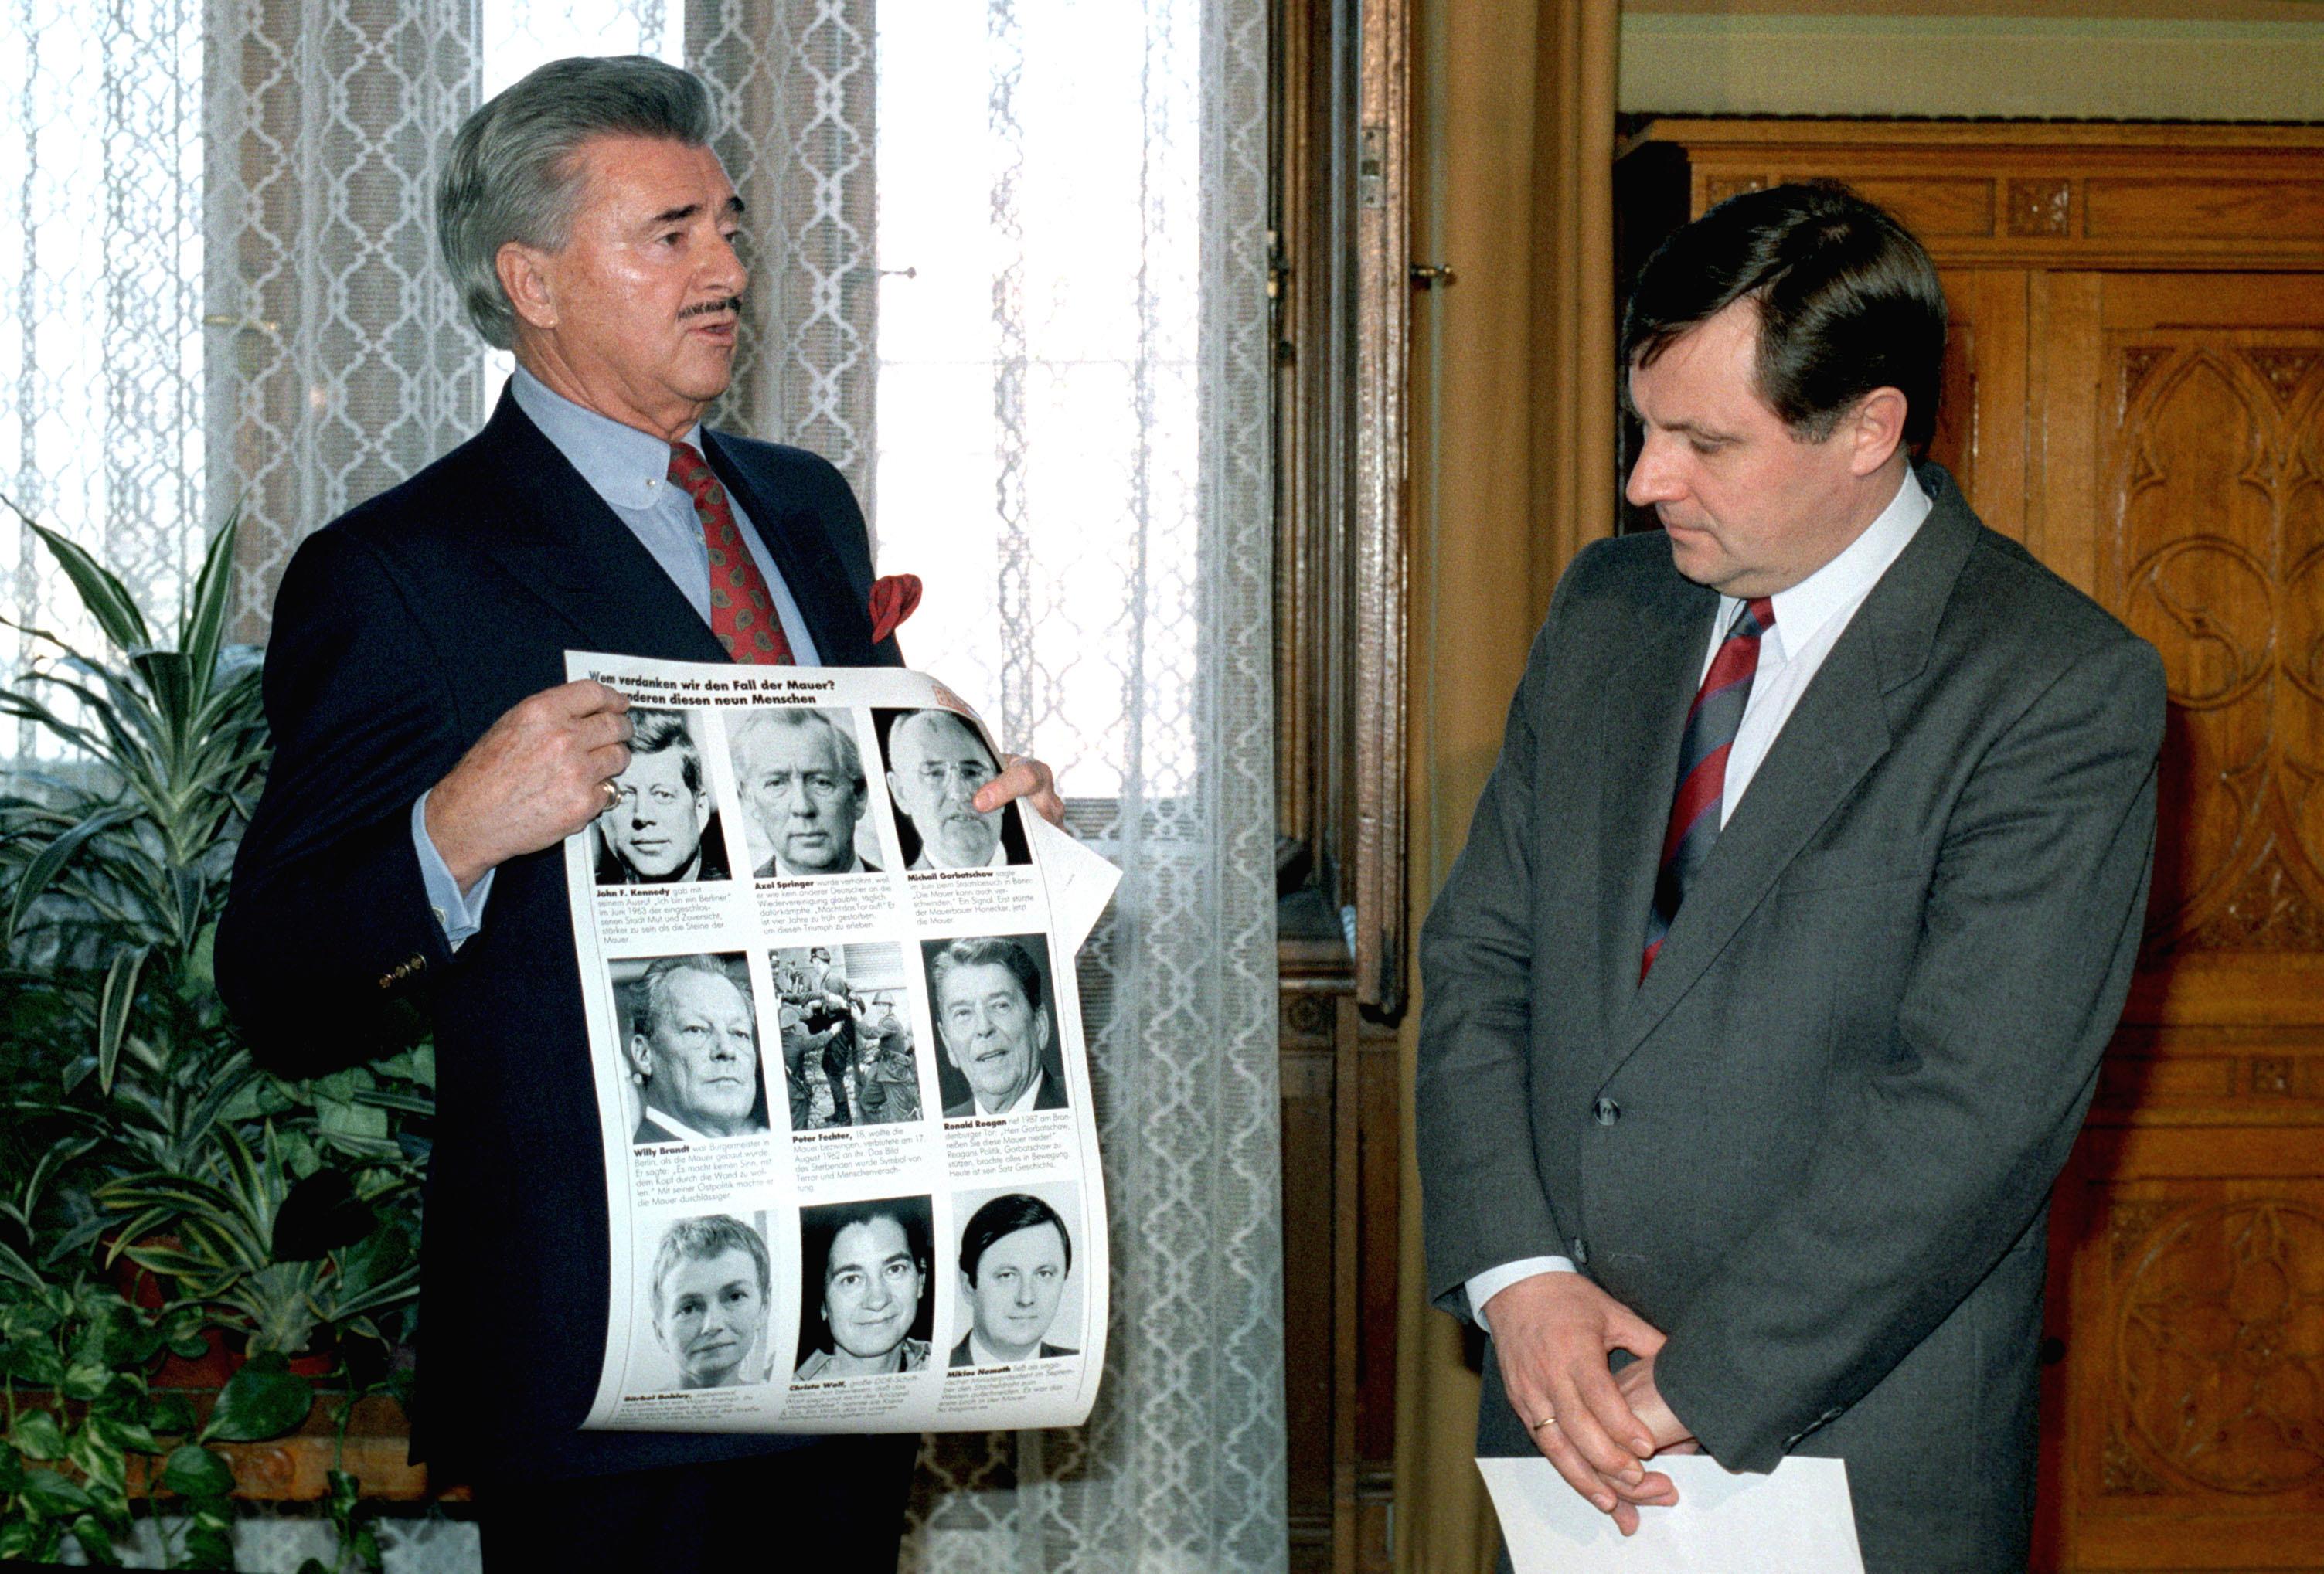 1989. november 24. Josef von Ferenczy átadja Németh Miklós miniszterelnöknek azt a tablót, melyet a német Bunte magazin jelentetett meg azokról a politikusokról, akik hozzájárultak a Berlini Fal lebontásához. A tablón John F. Kennedy, Ronald Reagan, Mihail Gorbacsov, Willy Brandt és több más neves személyiség mellett Németh Miklós fotója is helyet kapott. / Fotó: MTI